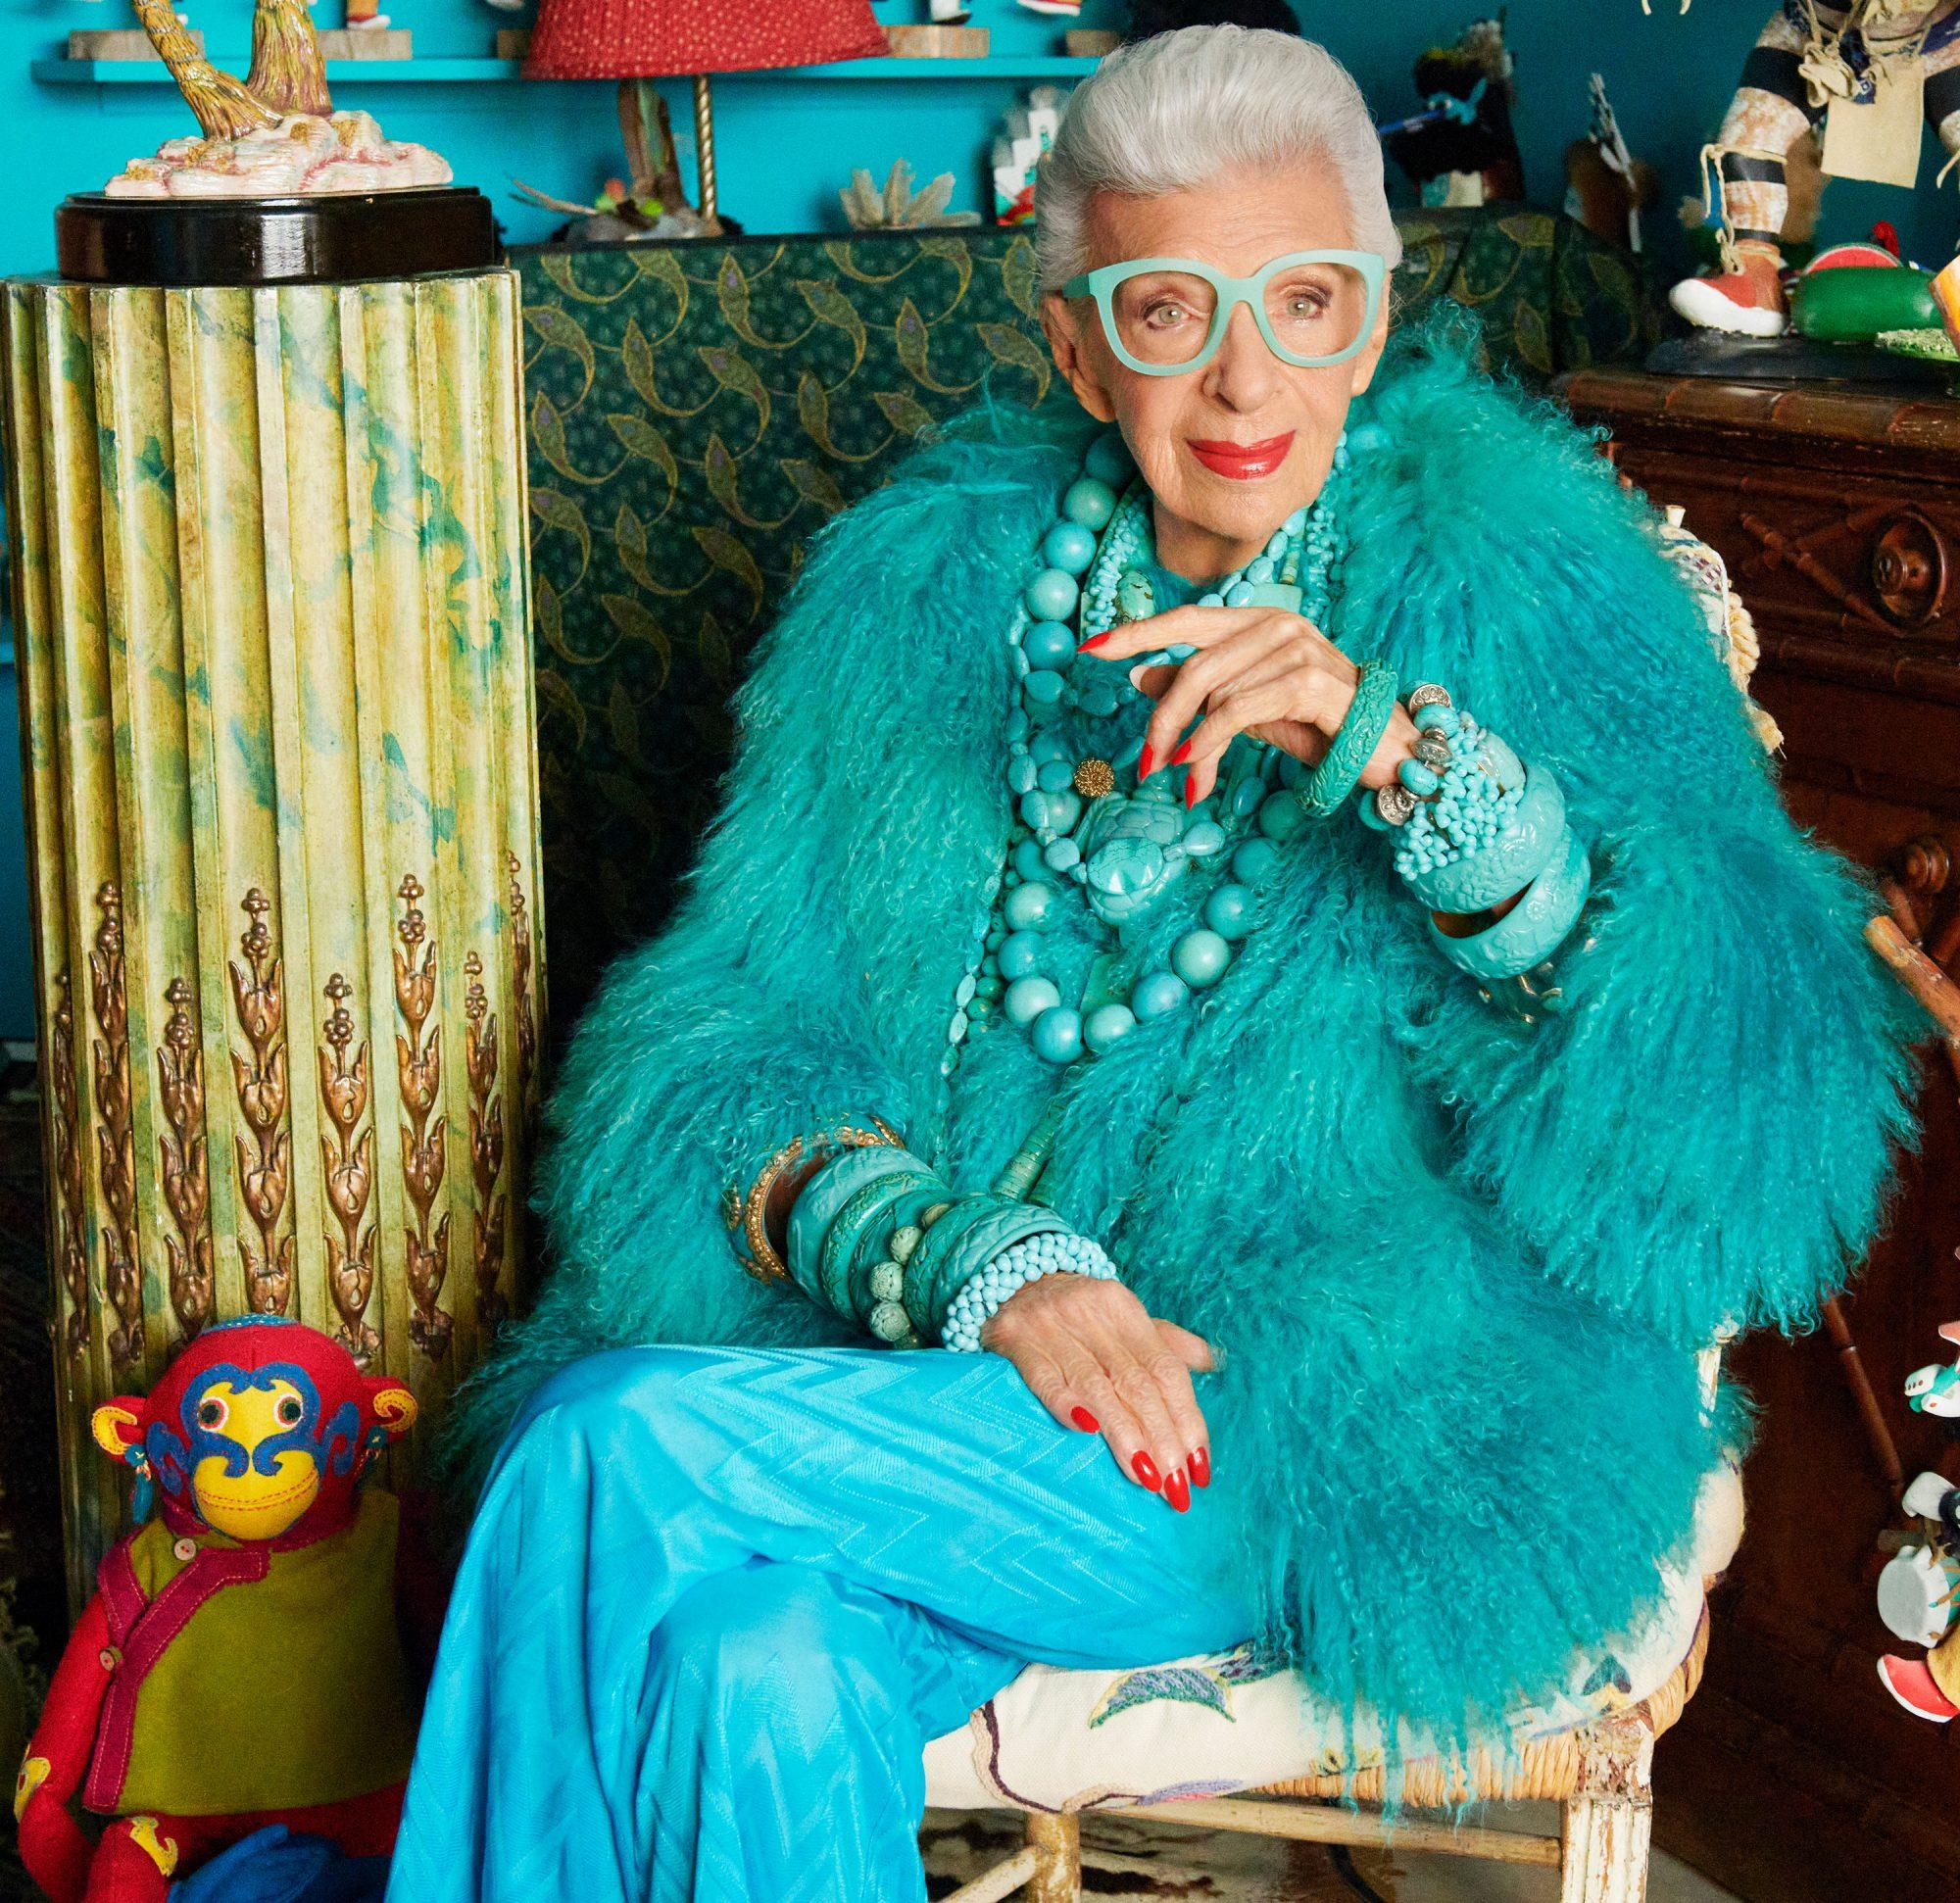 """Nhà thiết kế (NTK) Iris Apfel không còn quá xa lạ với làng thời trang thế giới, đặc biệt ở giai đoạn bà ngoài 80 tuổi trở lên. Thời điểm đó, nếu nhiều người """"lui về vườn"""", an dưỡng tuổi già thì bà bước vào giai đoạn sung sức, muốn cống hiến cho nghệ thuật."""